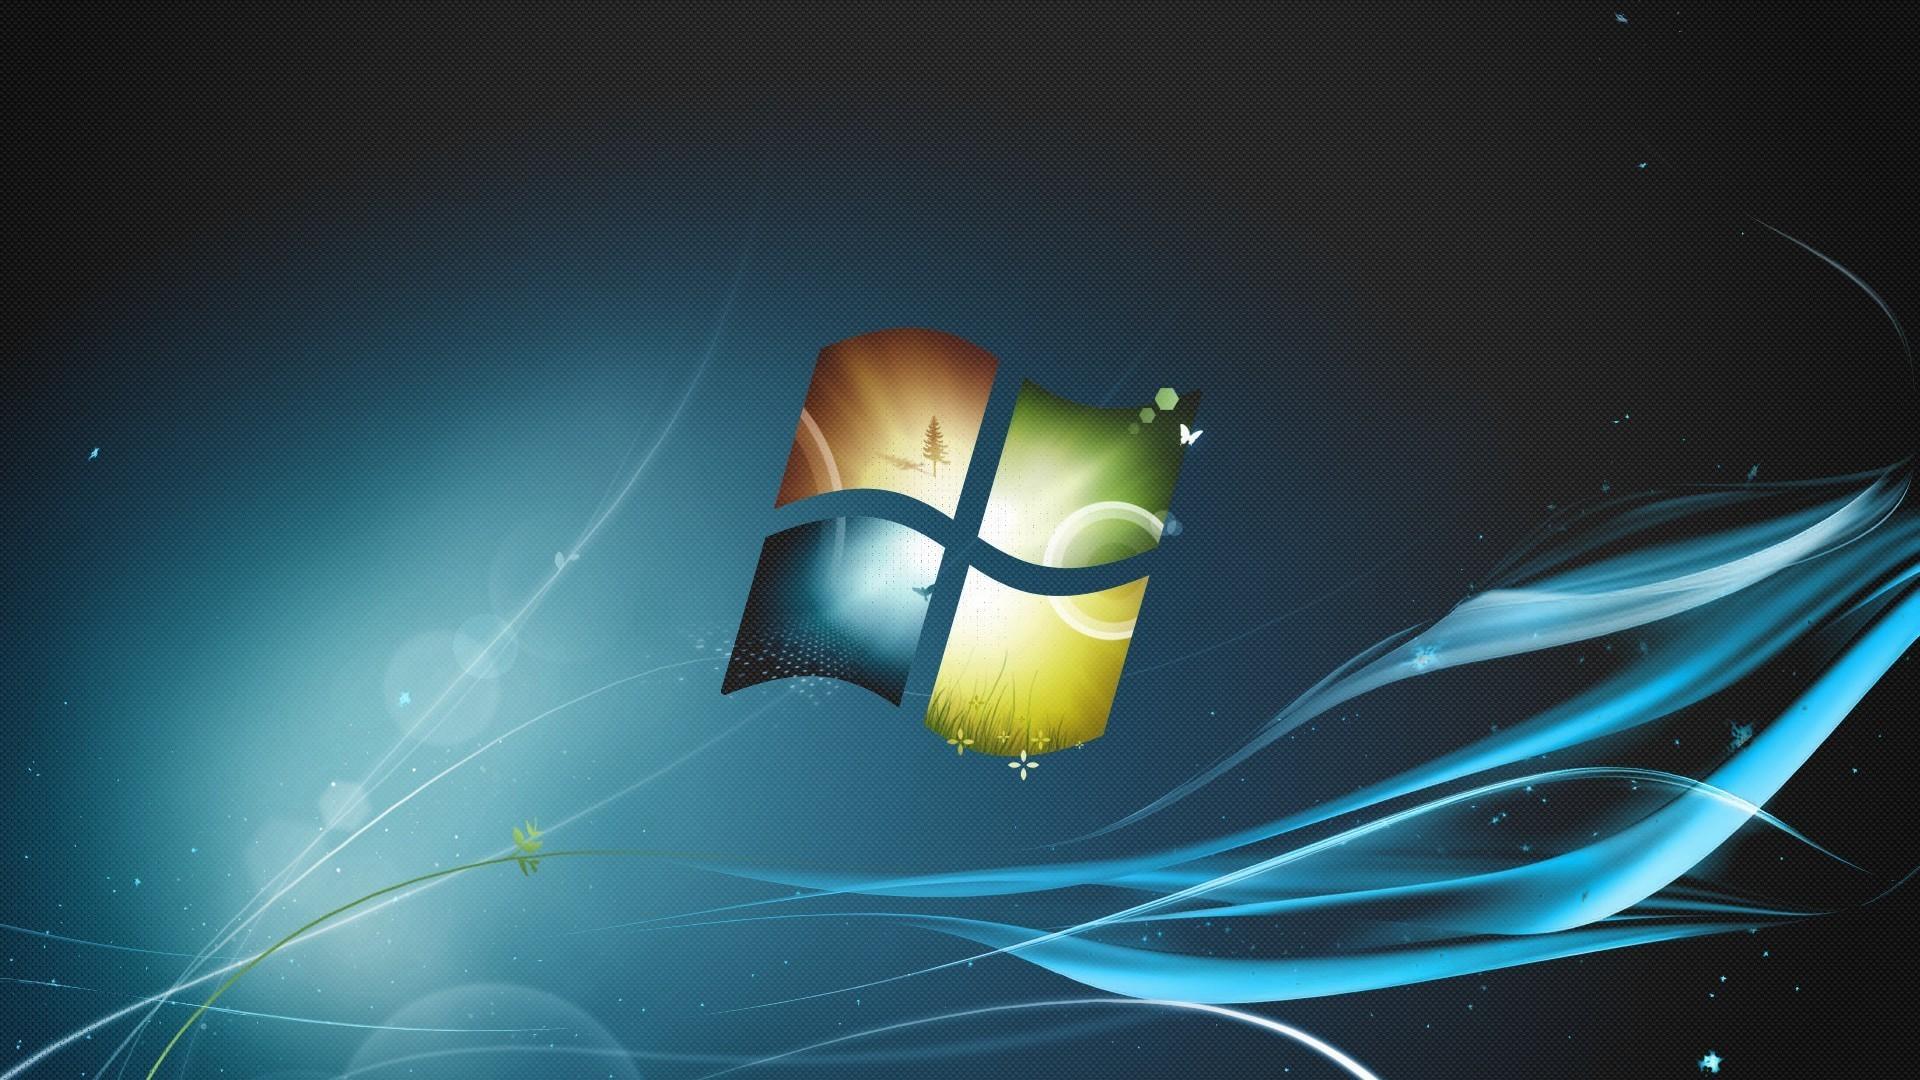 1920x1080 Ms Windows Hd Desktop Wallpaper Widescreen High Definition